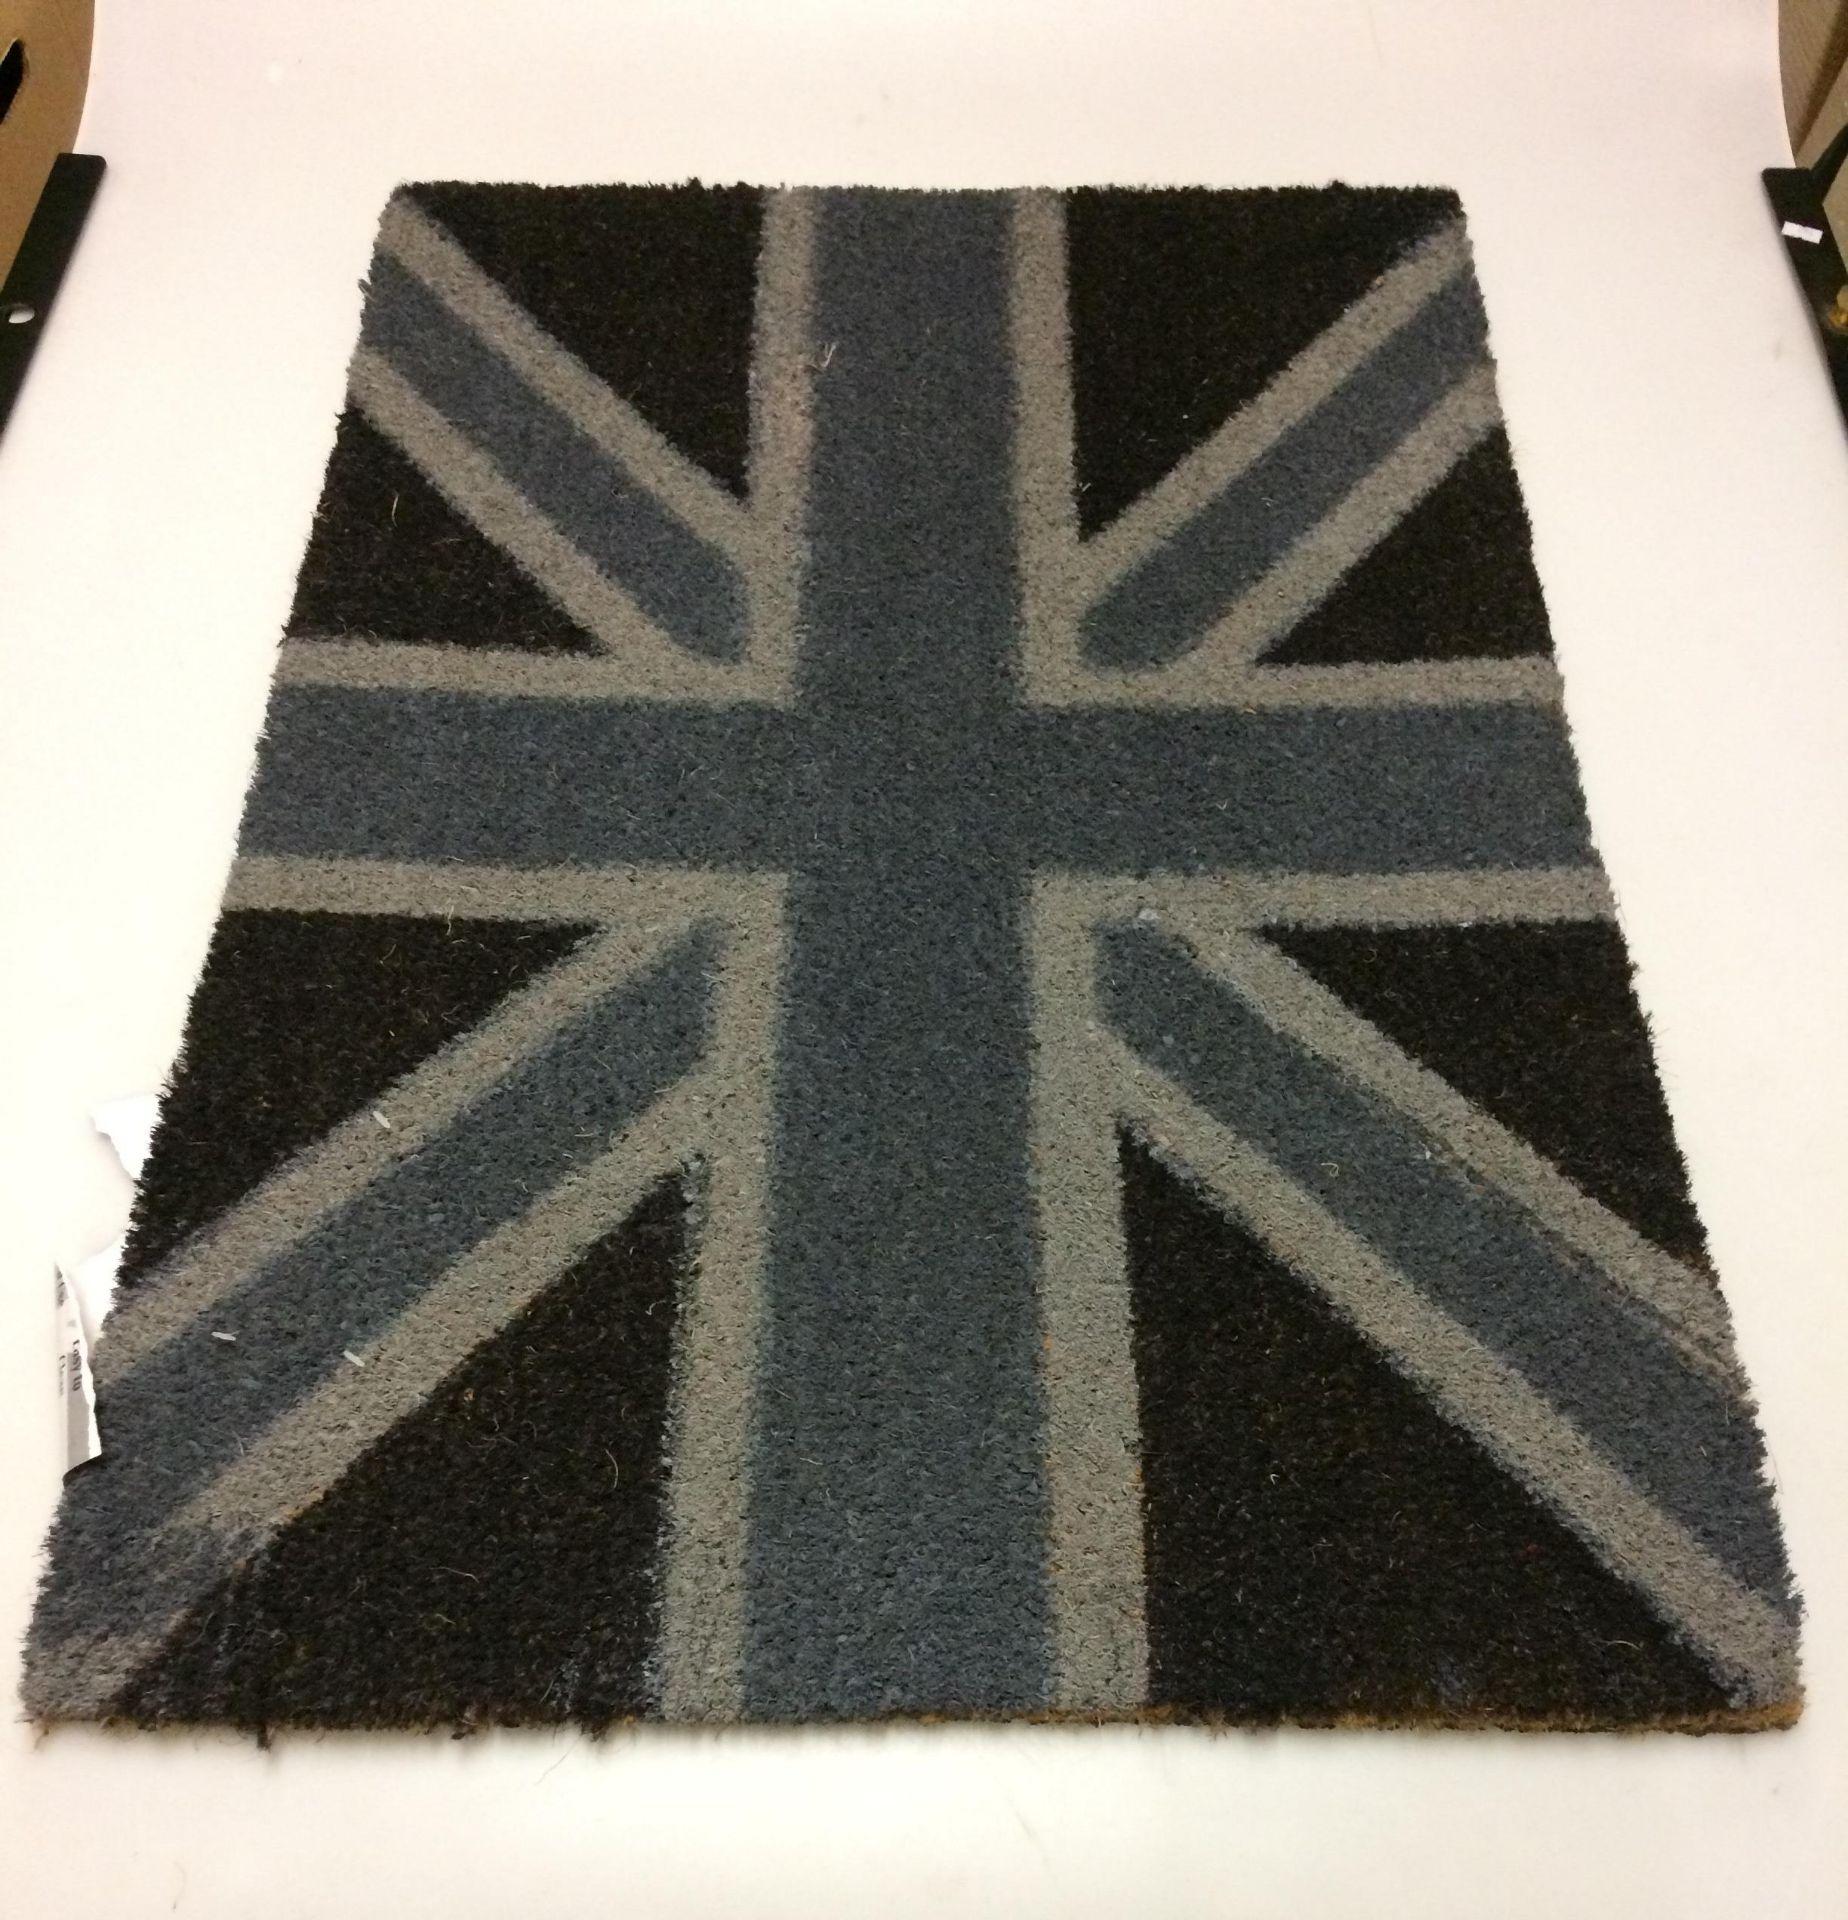 Lot 8 - 20 x Primeur luxury coir Union Jack door mats 60 x 90cm